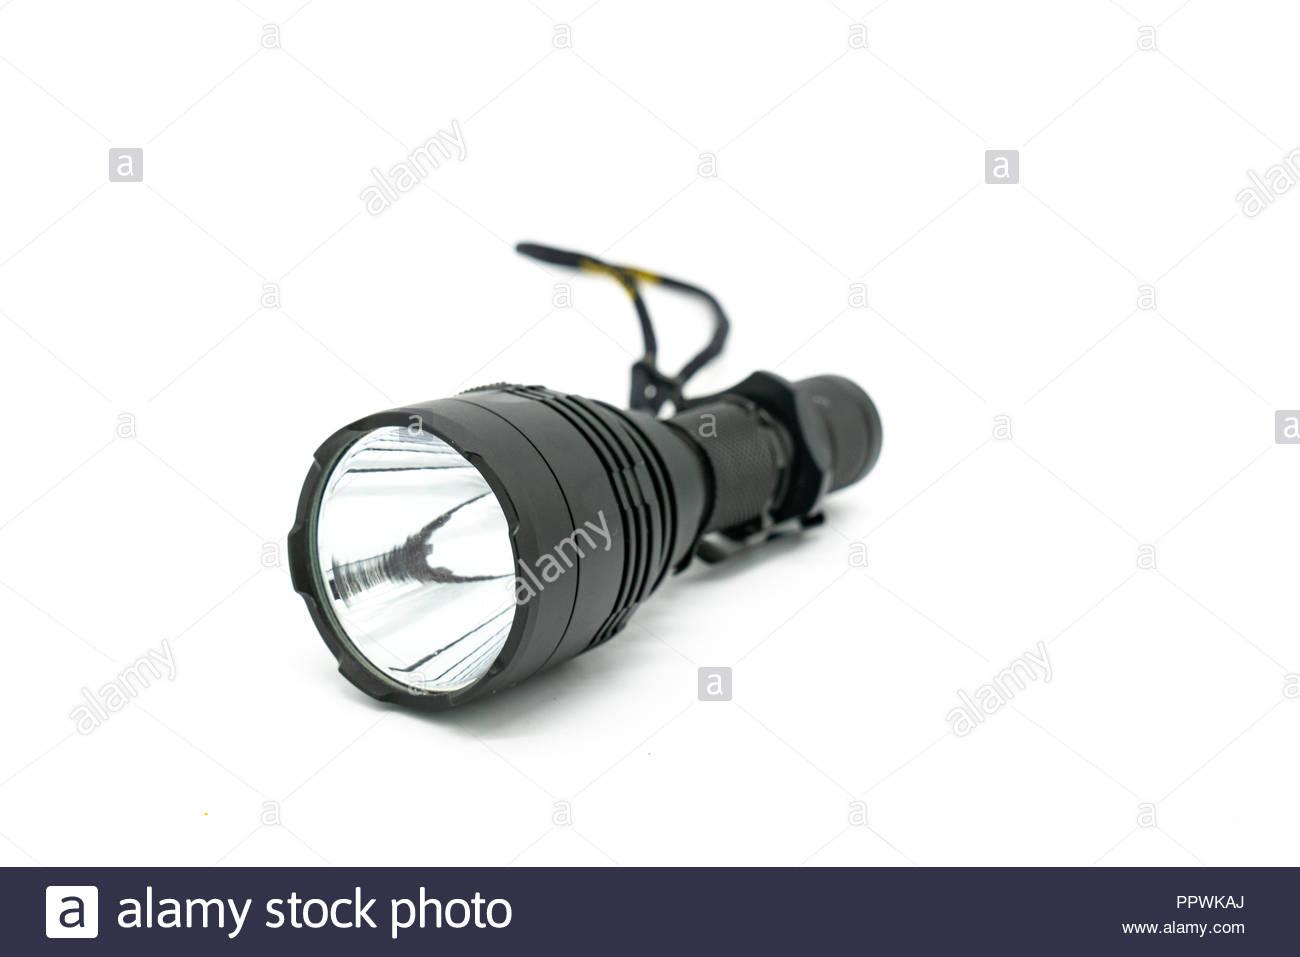 Black flashlight on white background. - Stock Image